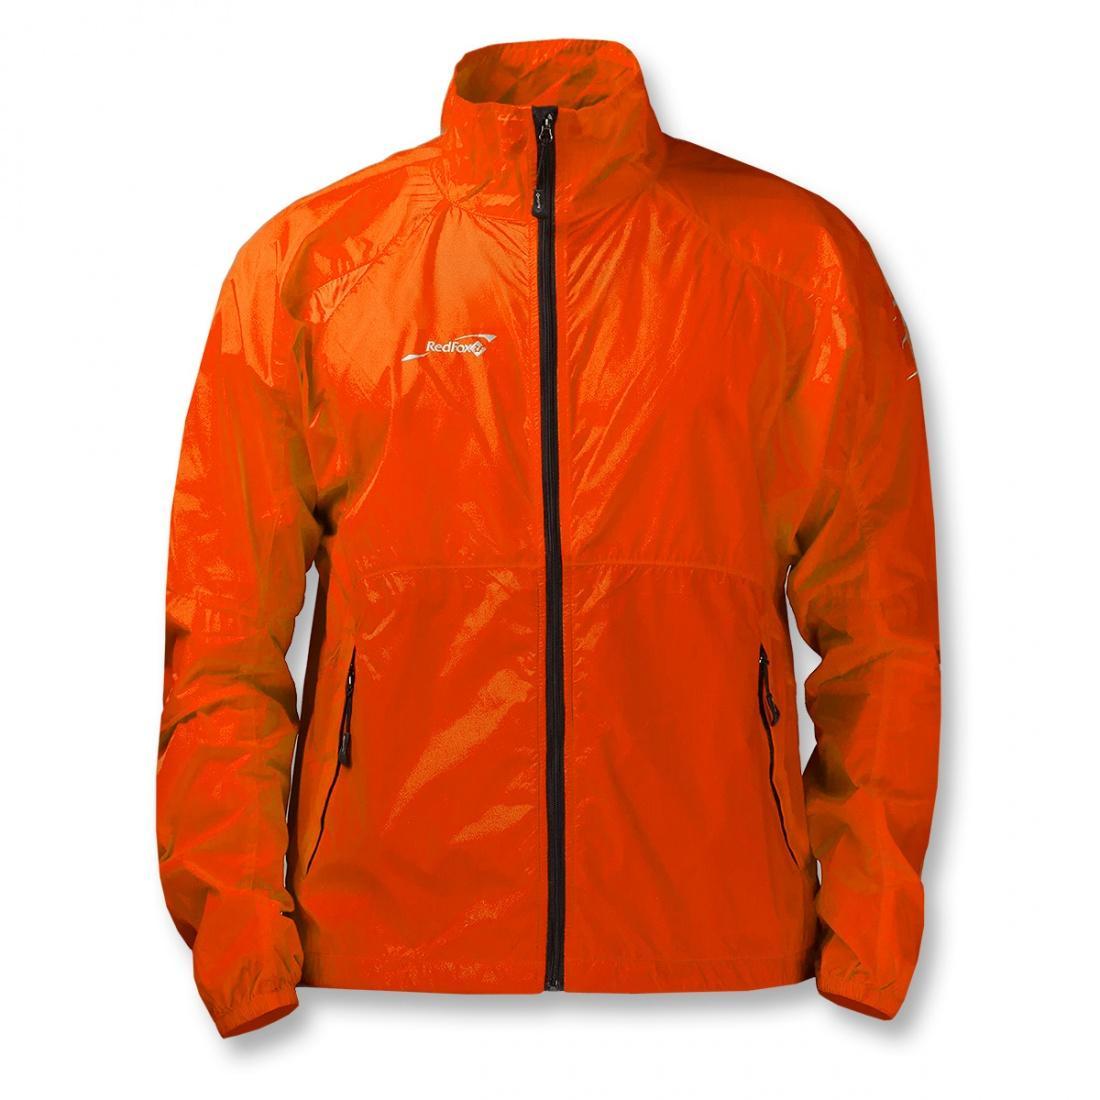 Куртка ветрозащитная Trek Light IIКуртки<br><br> Очень легкая куртка для мультиспортсменов. Отлично сочетает в себе функции защиты от ветра и максимальной свободы движений. Куртку можно компактно упаковать в карман, расположенный на спине.<br><br><br> Особенности:<br><br><br>Два бо...<br><br>Цвет: Оранжевый<br>Размер: 56